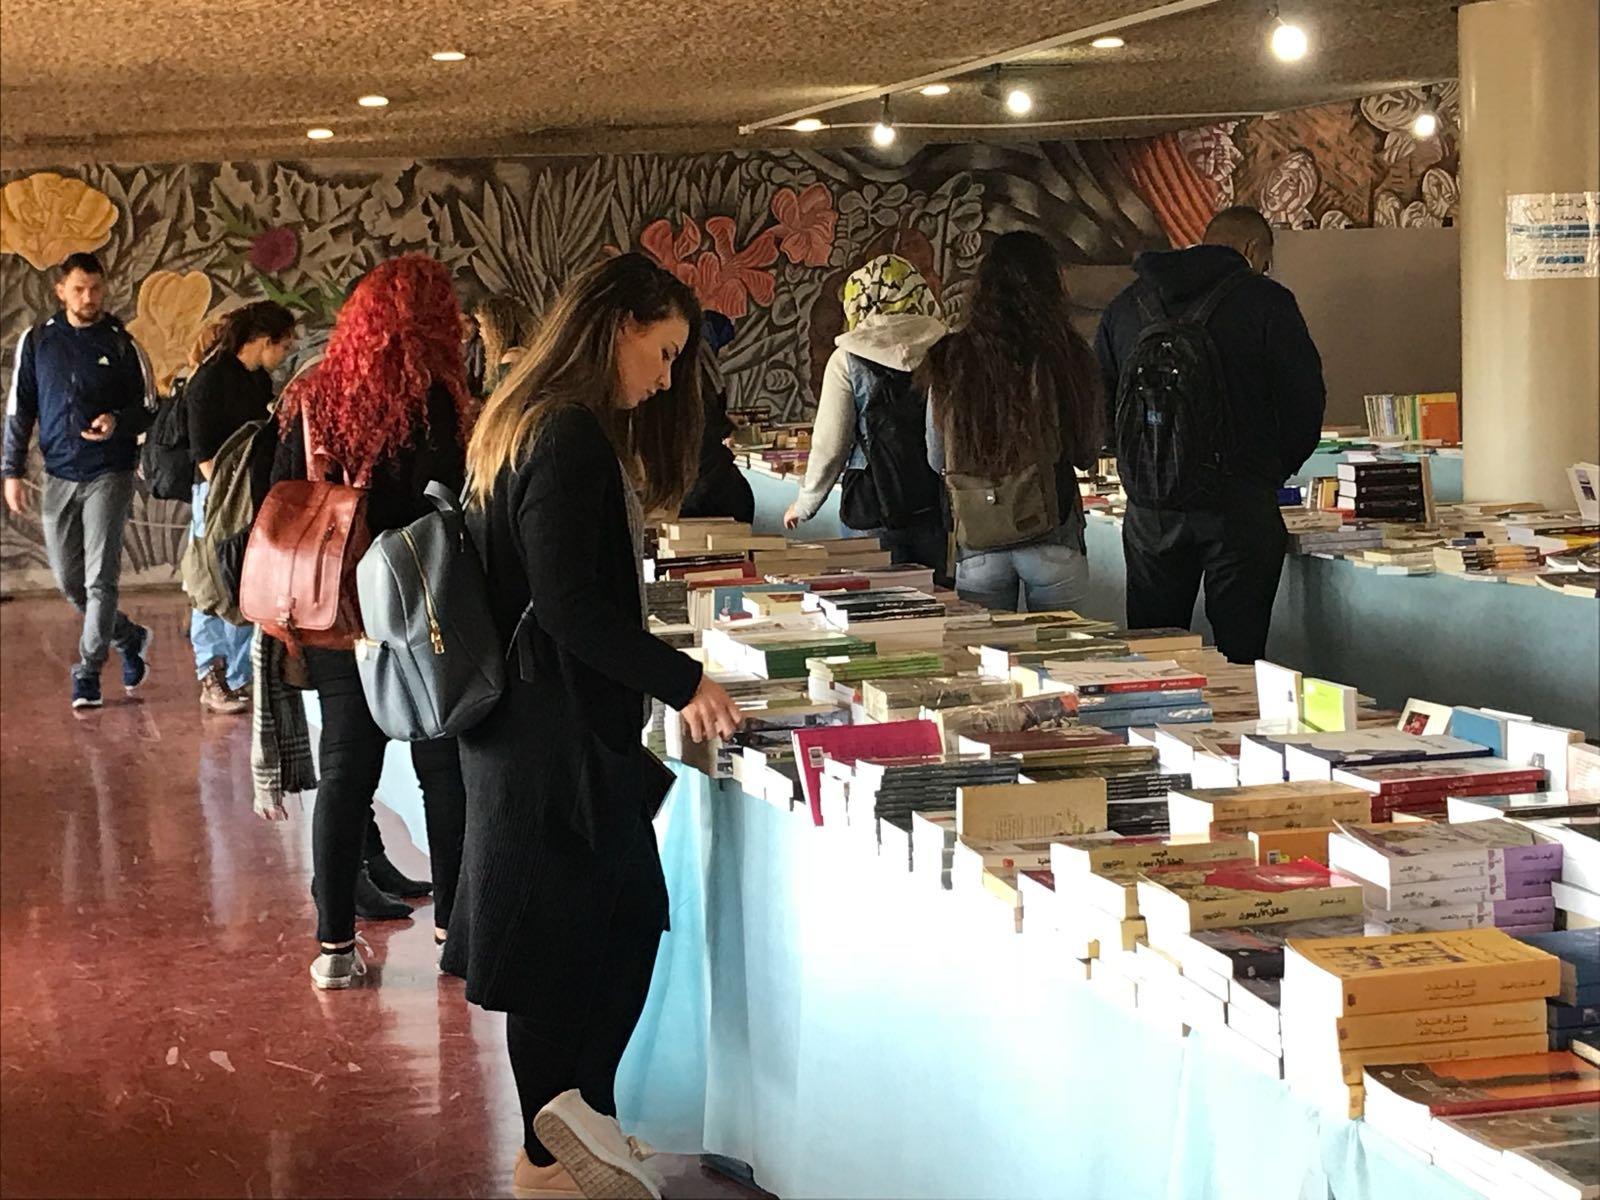 افتتاح اضخم معرض للكتاب في جامعة تل ابيب, مستمر حتى الخميس 11.1.18